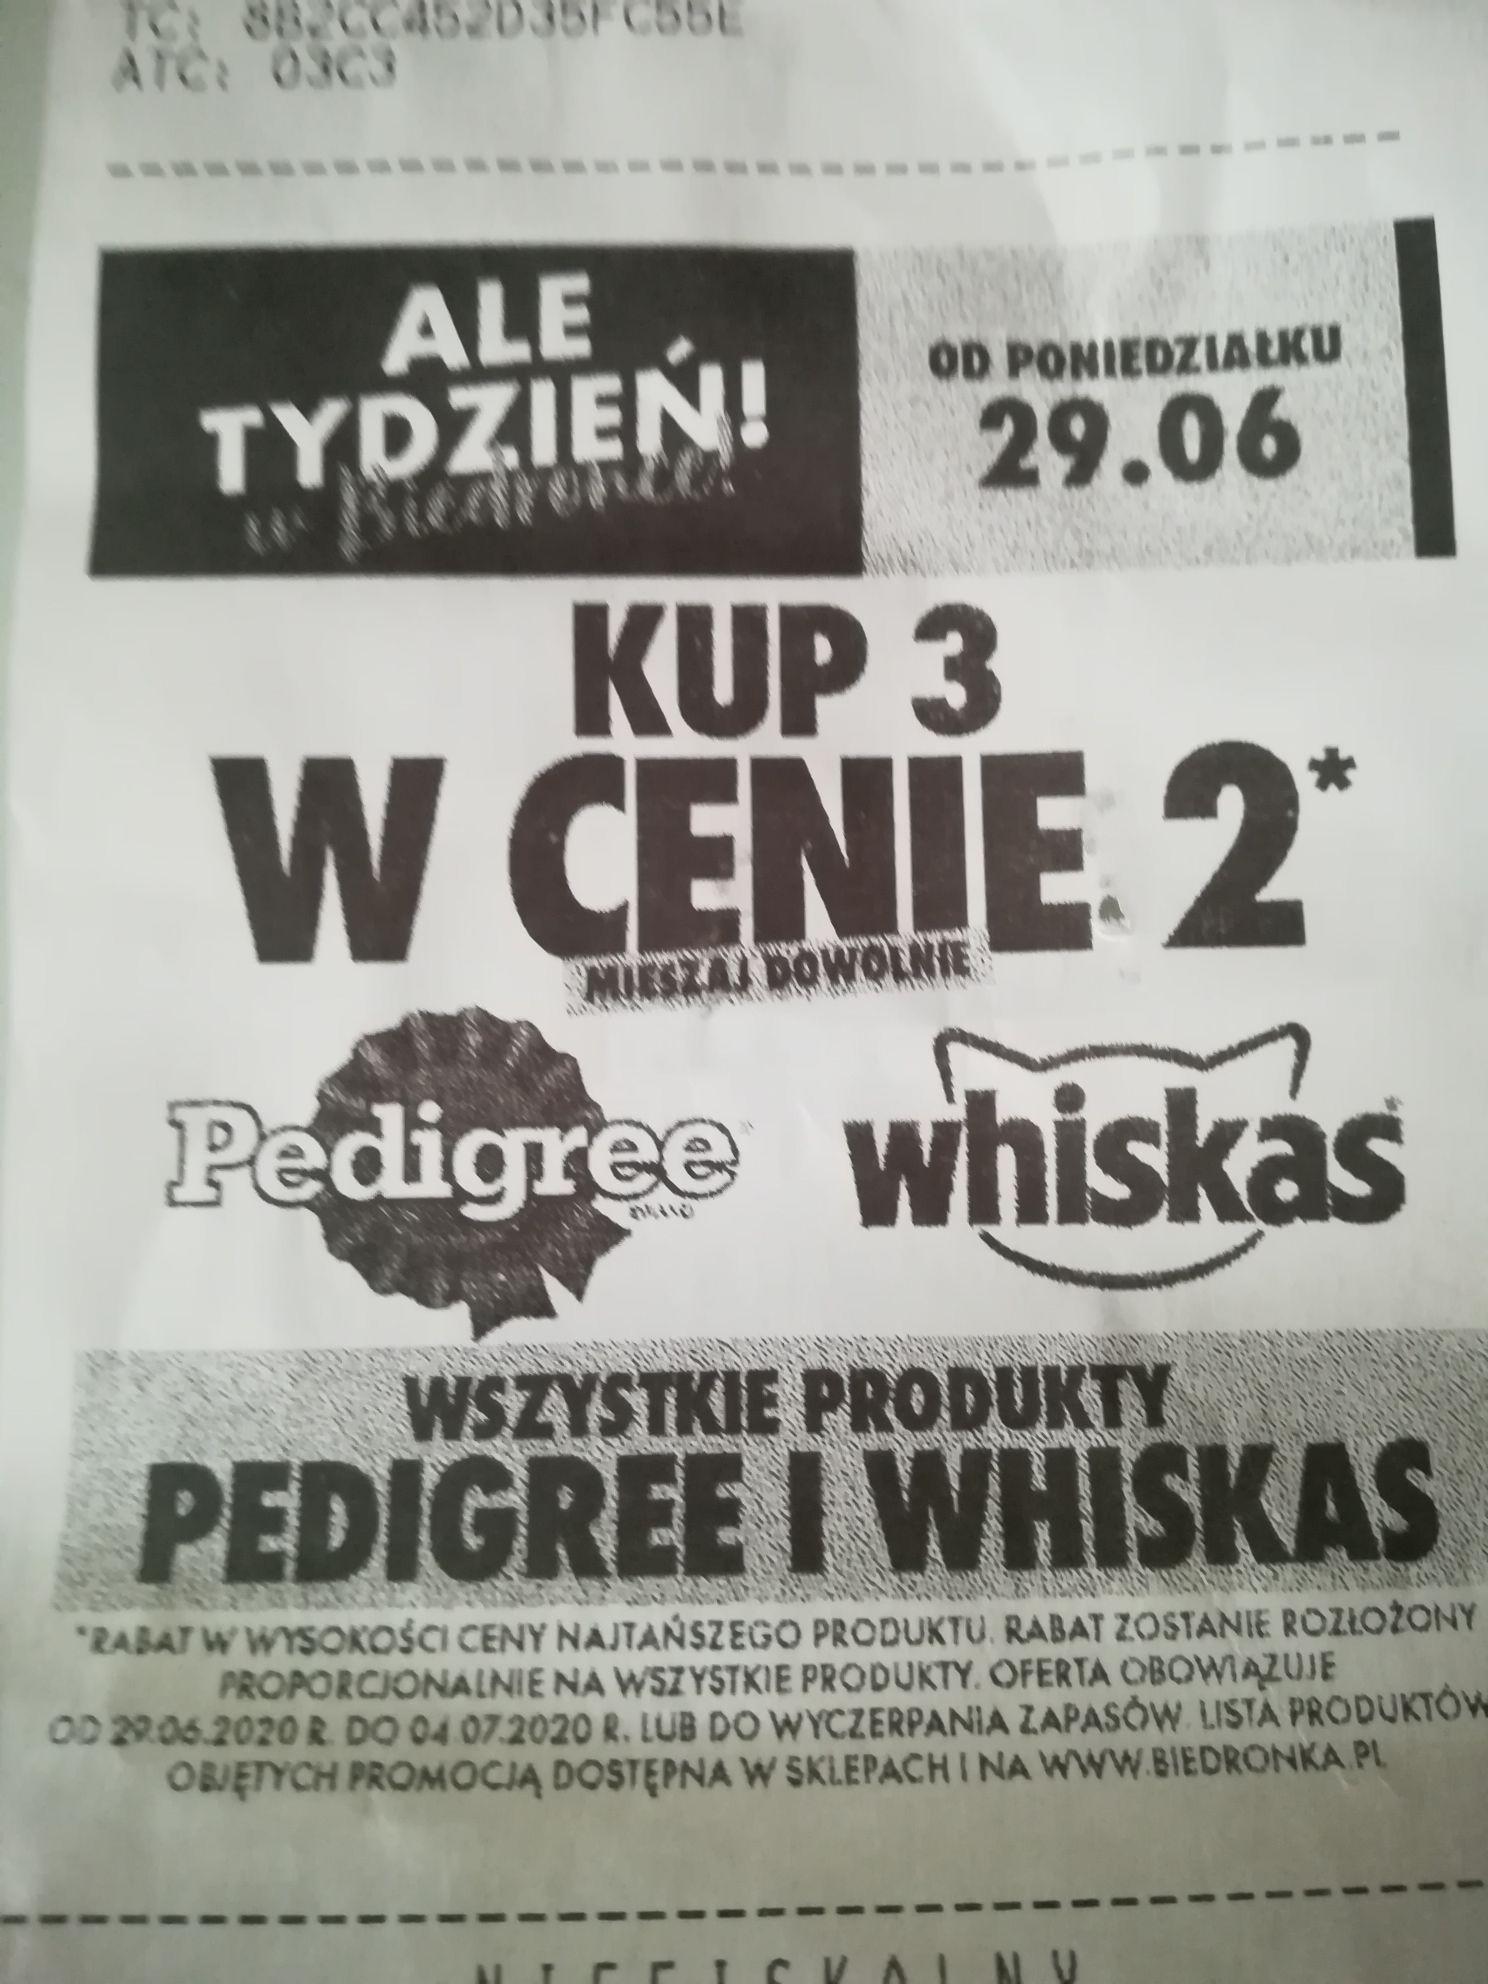 Biedronka 3 w cenie 2 Pedigree i Whiskas